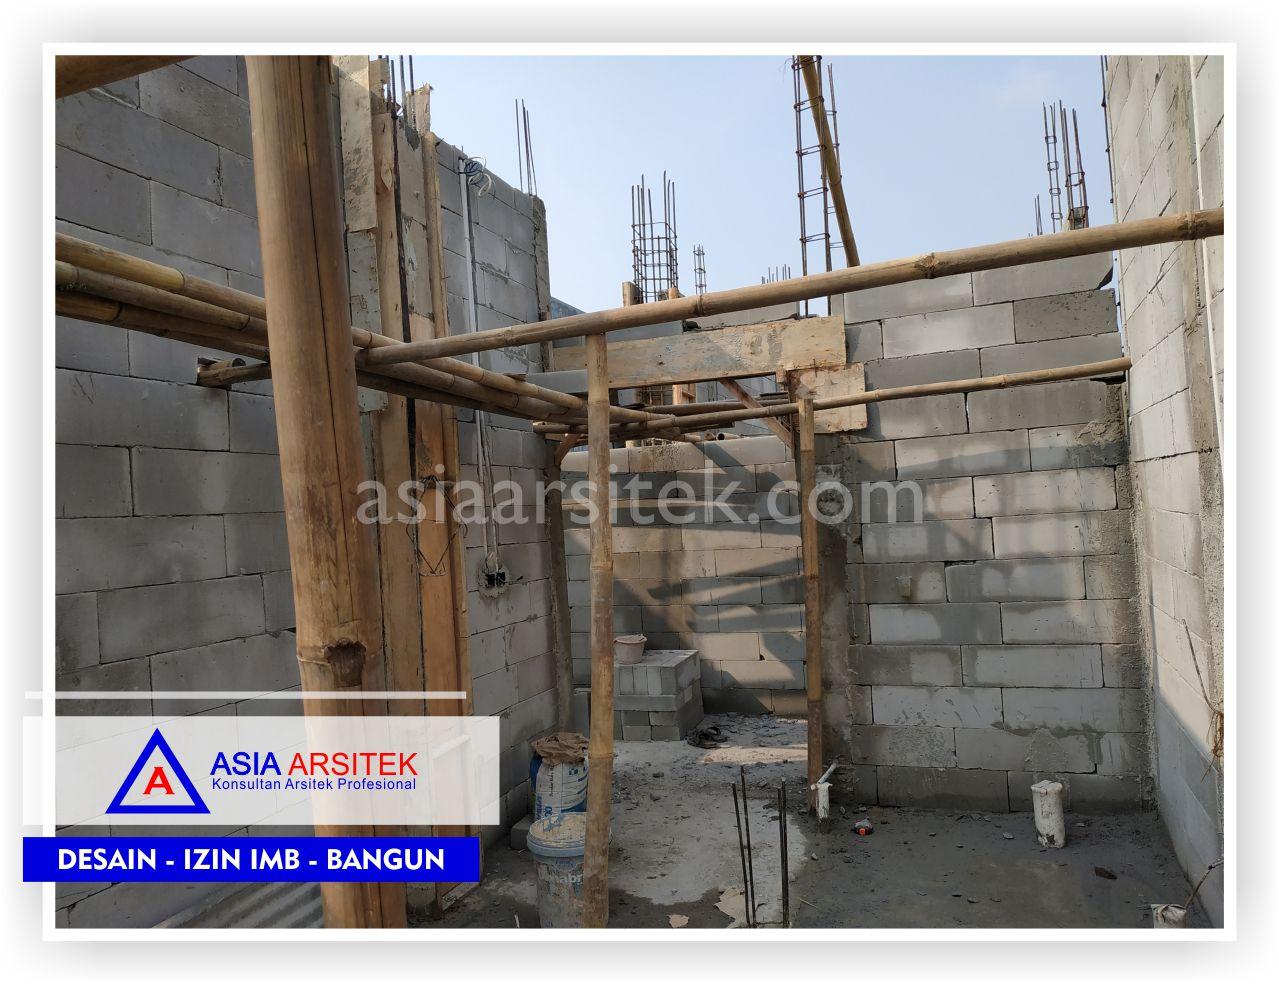 Kontruksi Dinding Lantai 2 Rumah Bpk Hendra Joe - Arsitek Desain Rumah Minimalis Modern Di Tangerang-Jakarta-Bogor-Bekasi-Bandung-Jasa Konsultan Desain Arsitek Profesional (1)